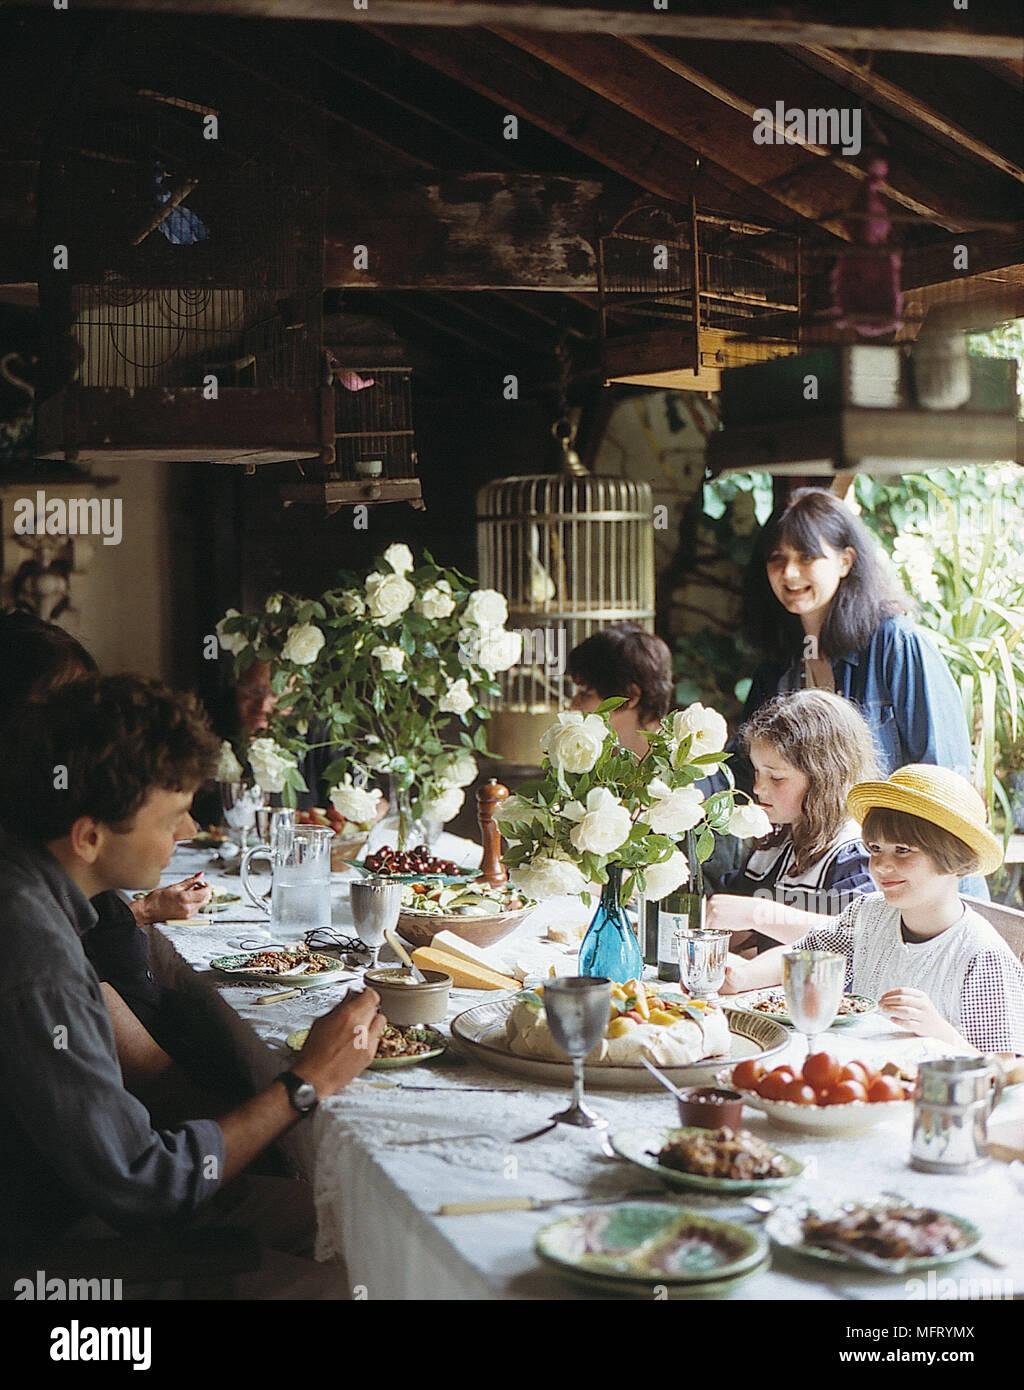 Die Menschen Essen Im Garten Tisch Im Sommer Haus Sammlung Von  Viktorianischen Vogelkäfige An Der Decke Tisch Essen Vasen Der Whi